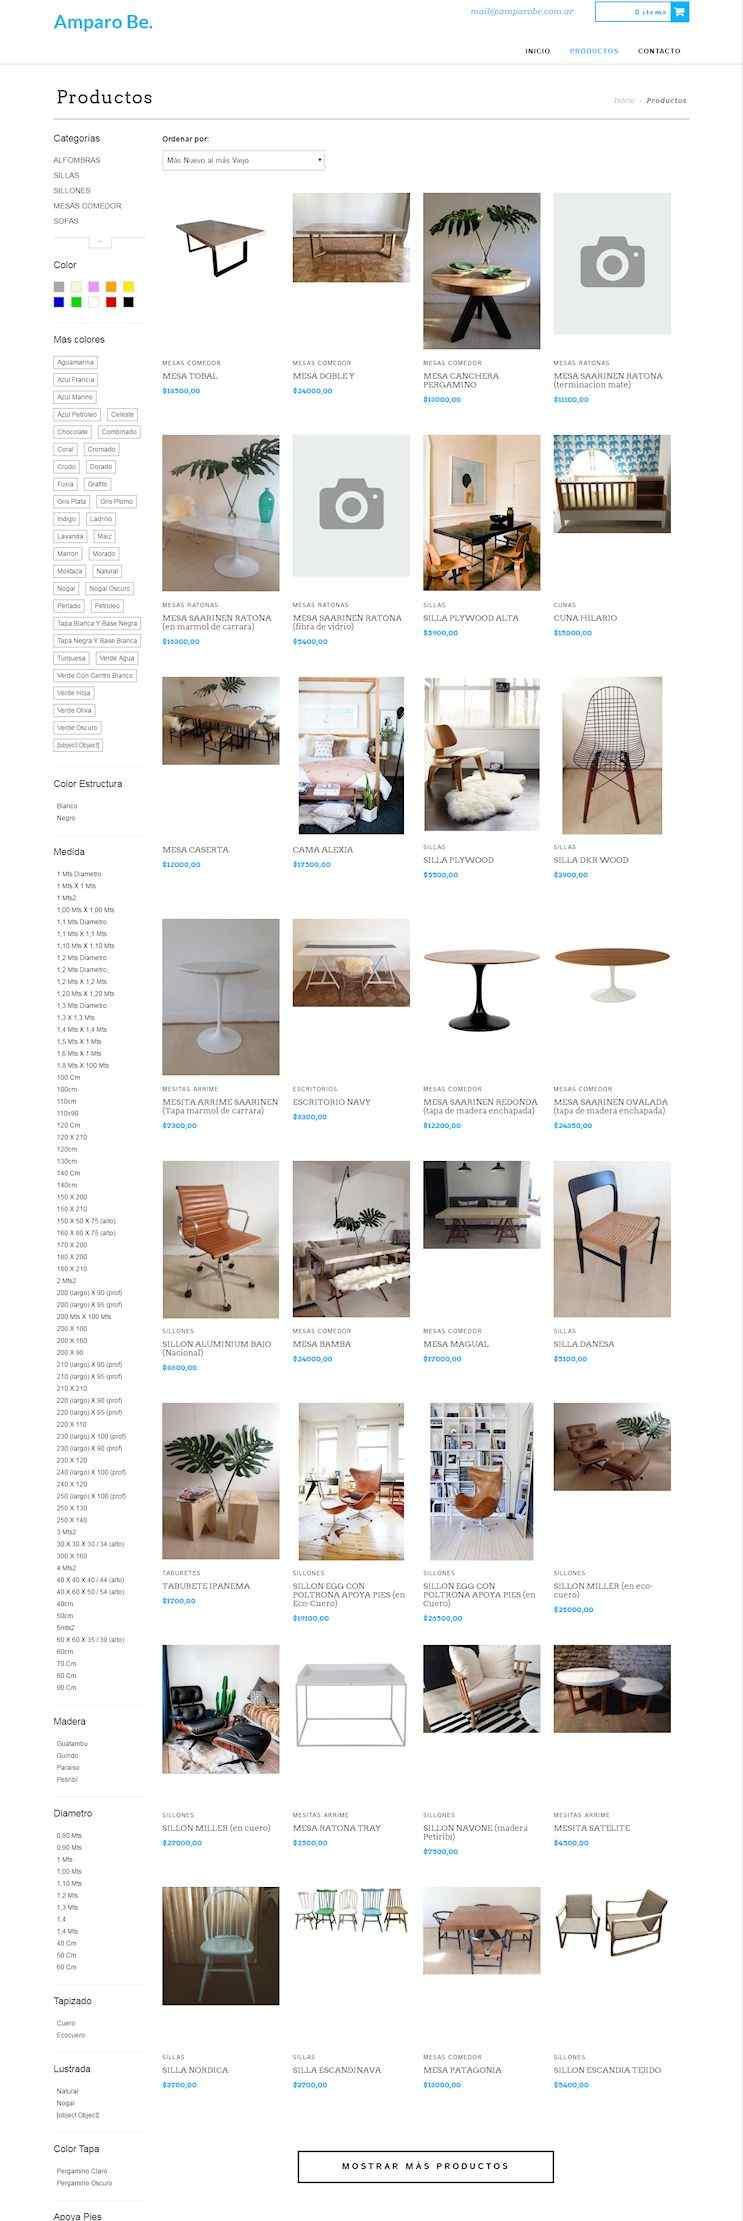 Ambaro Be Tienda online de muebles